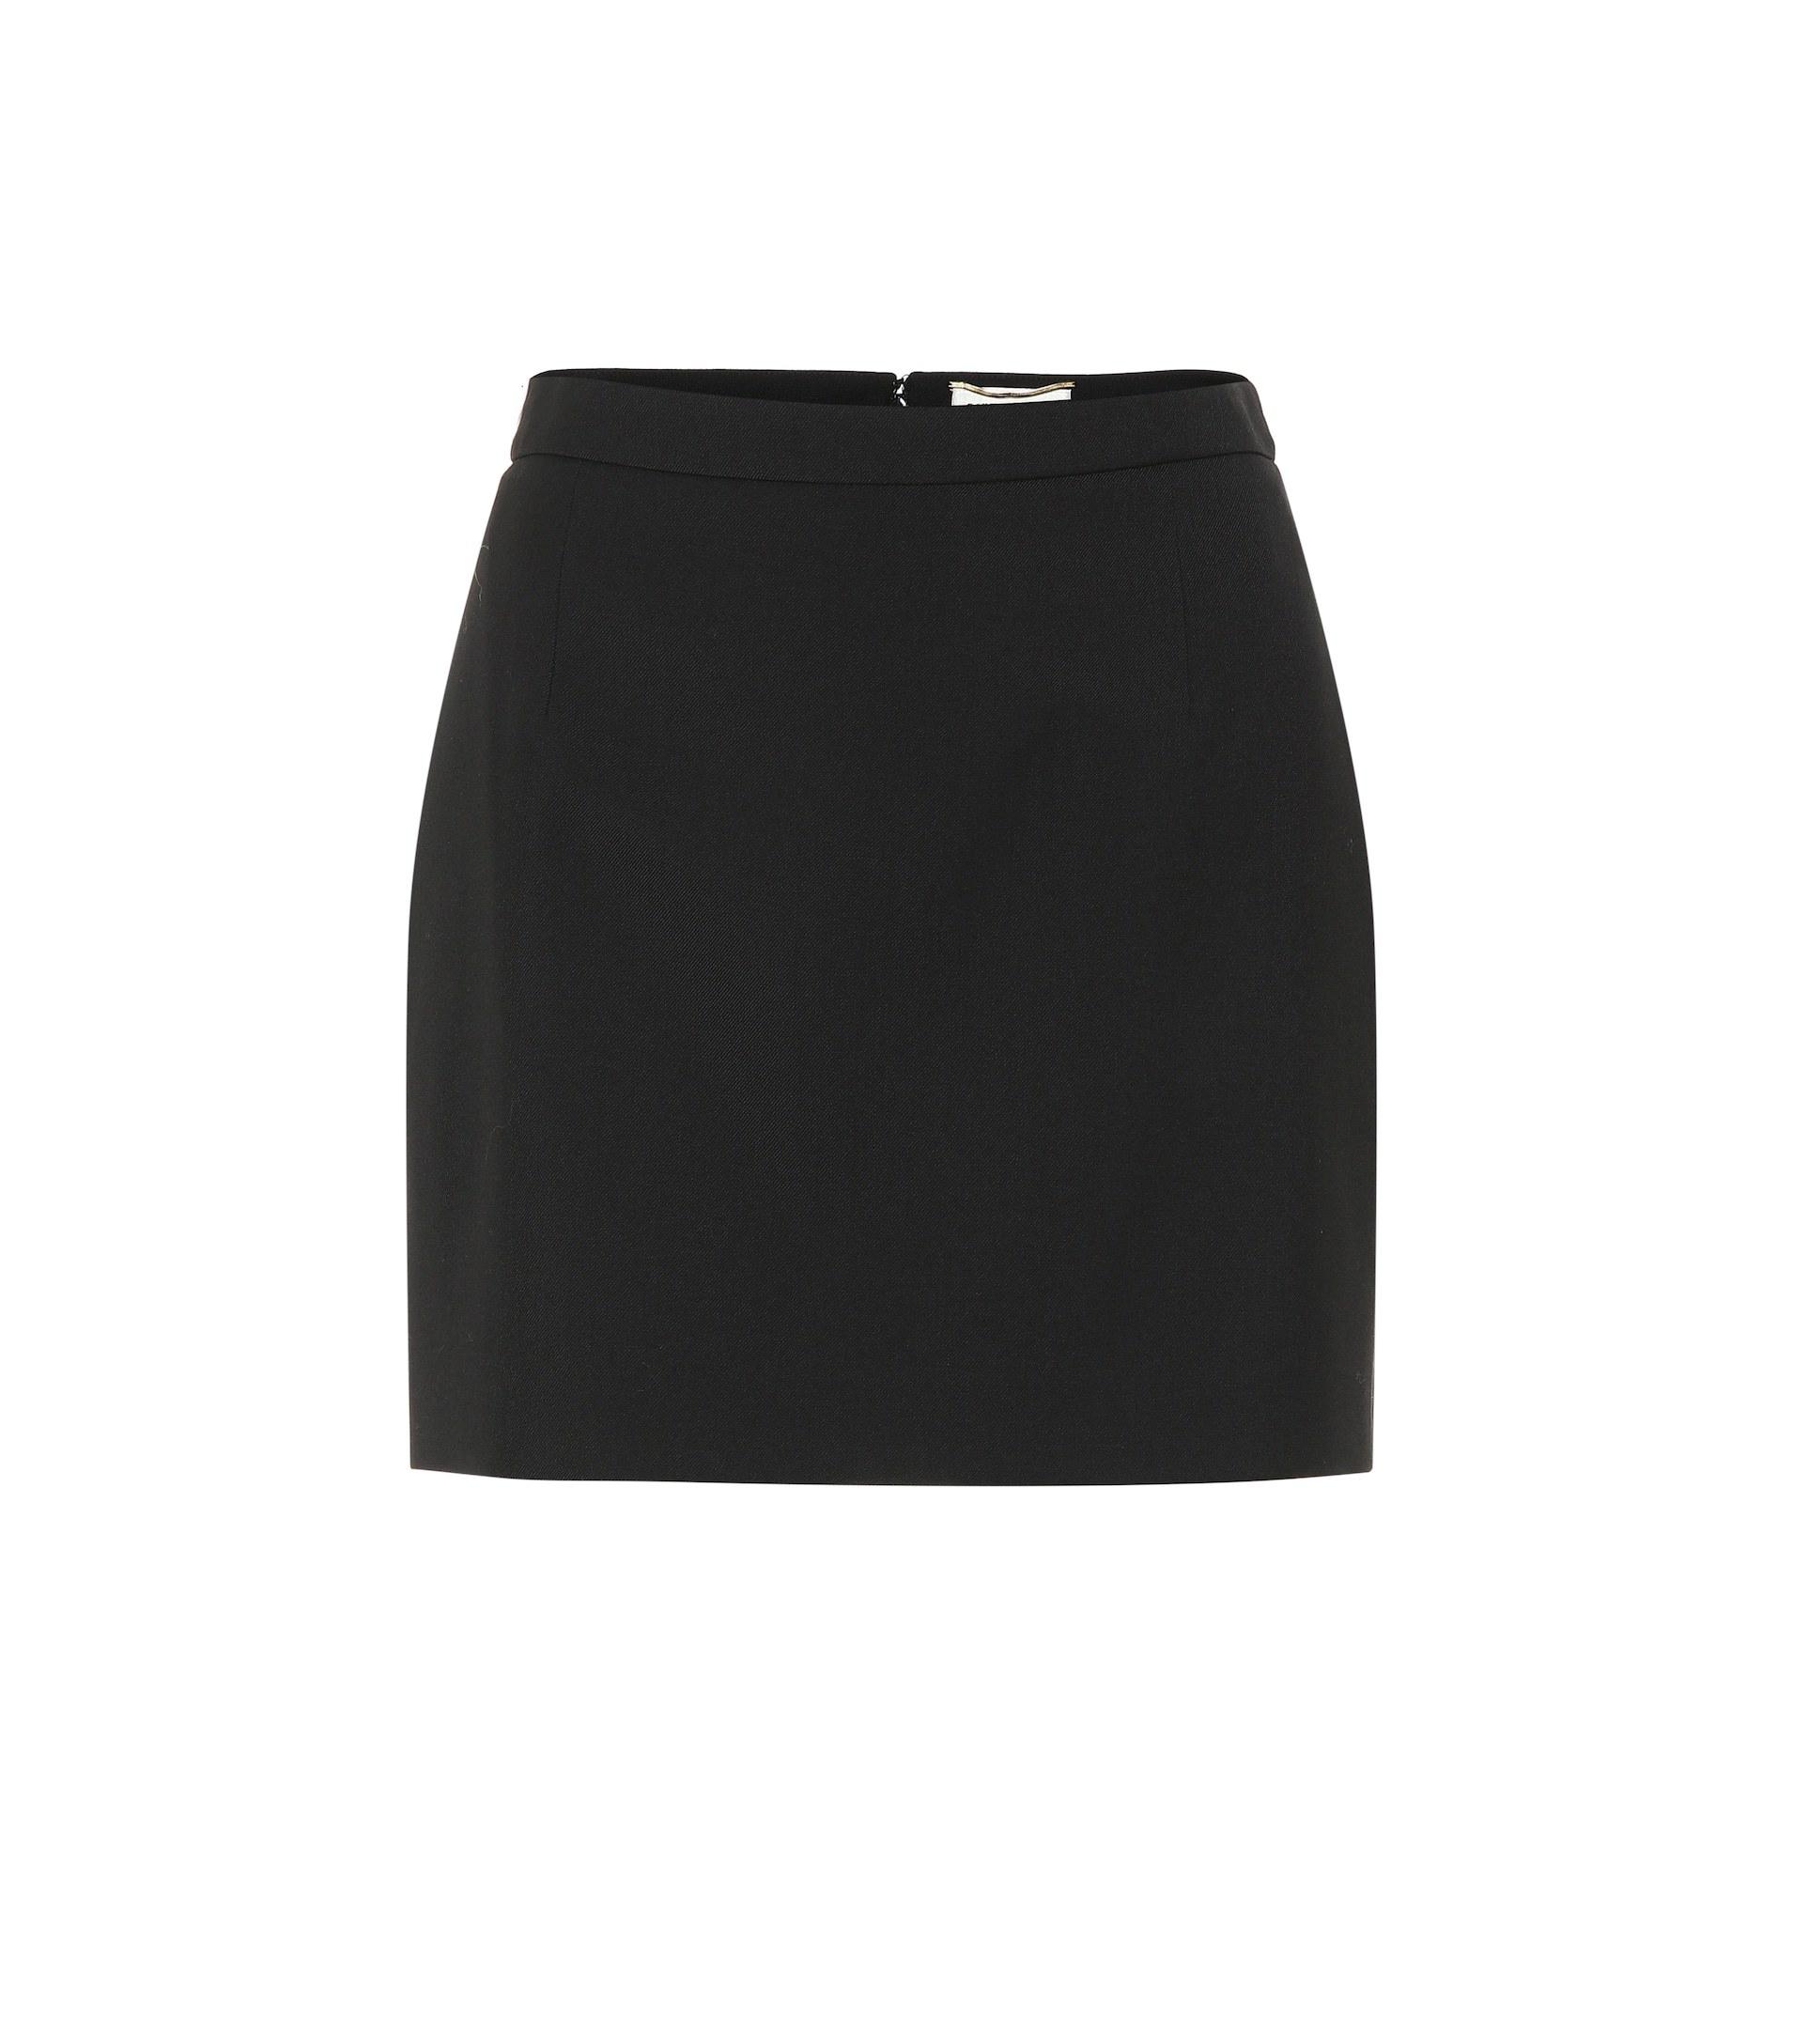 Minifalda negra de Saint Laurent.